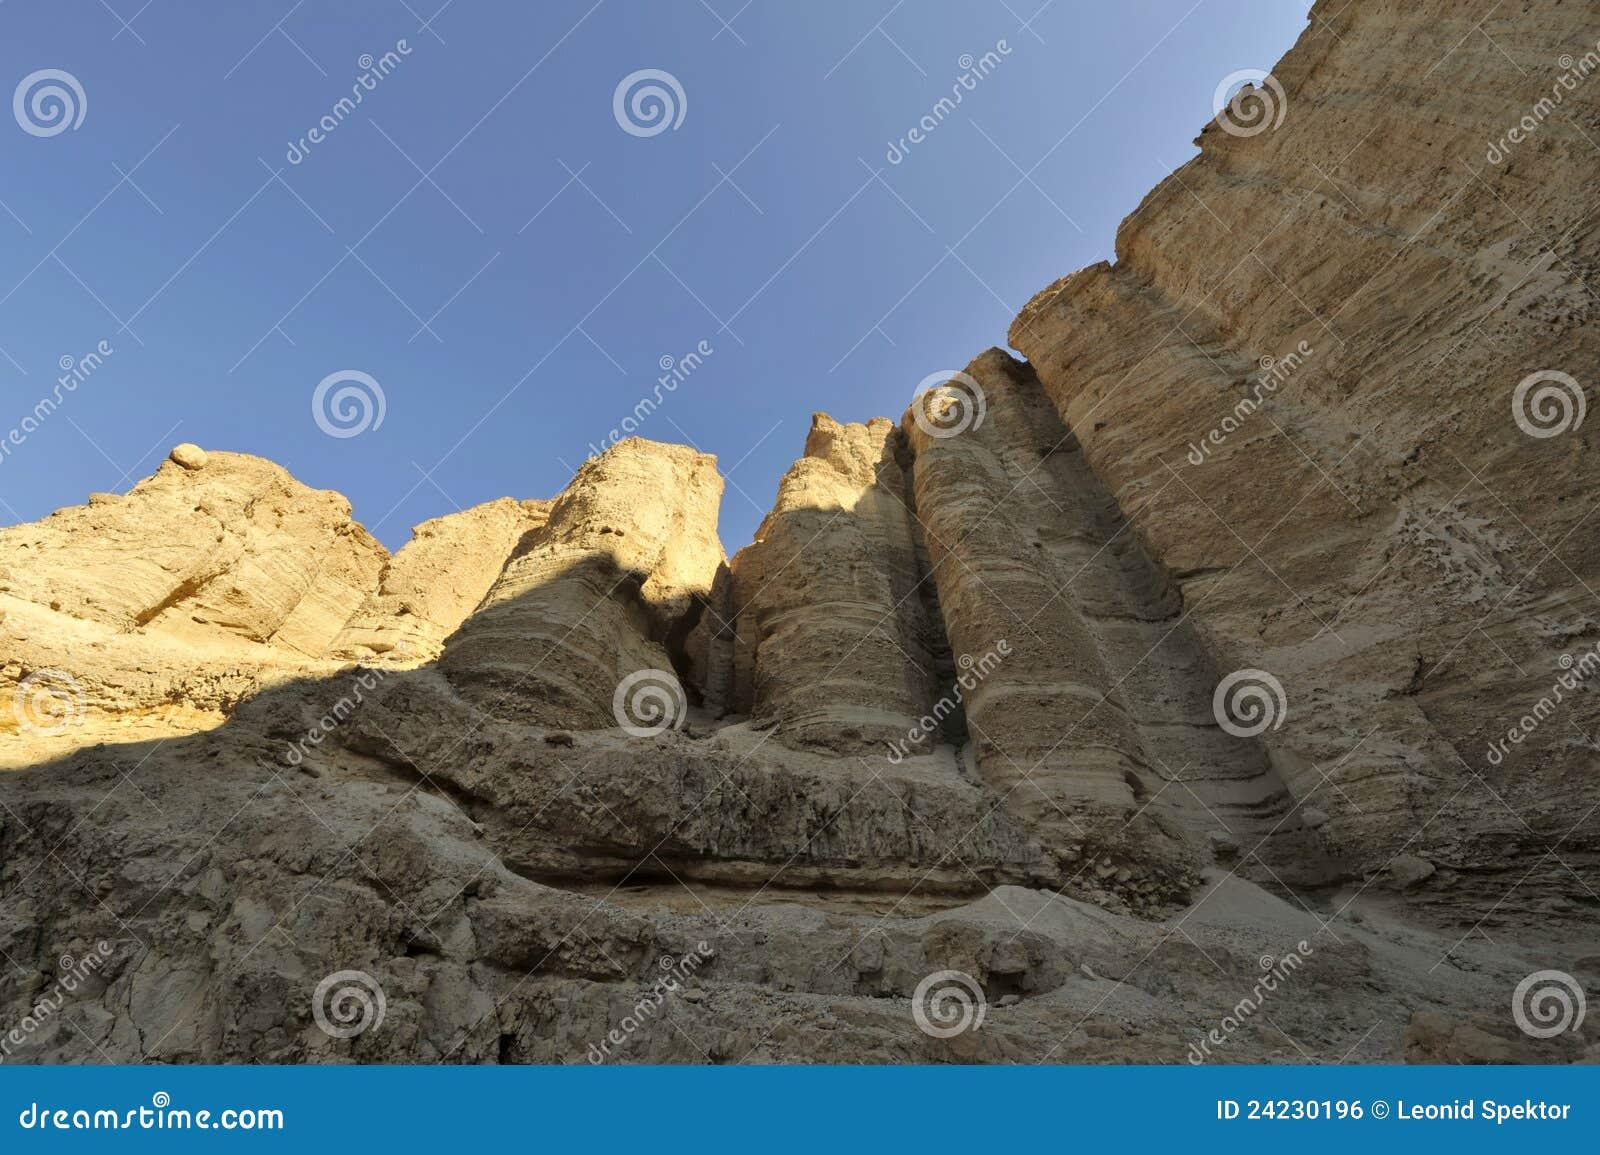 Colonne di pietra nel deserto di Judea.